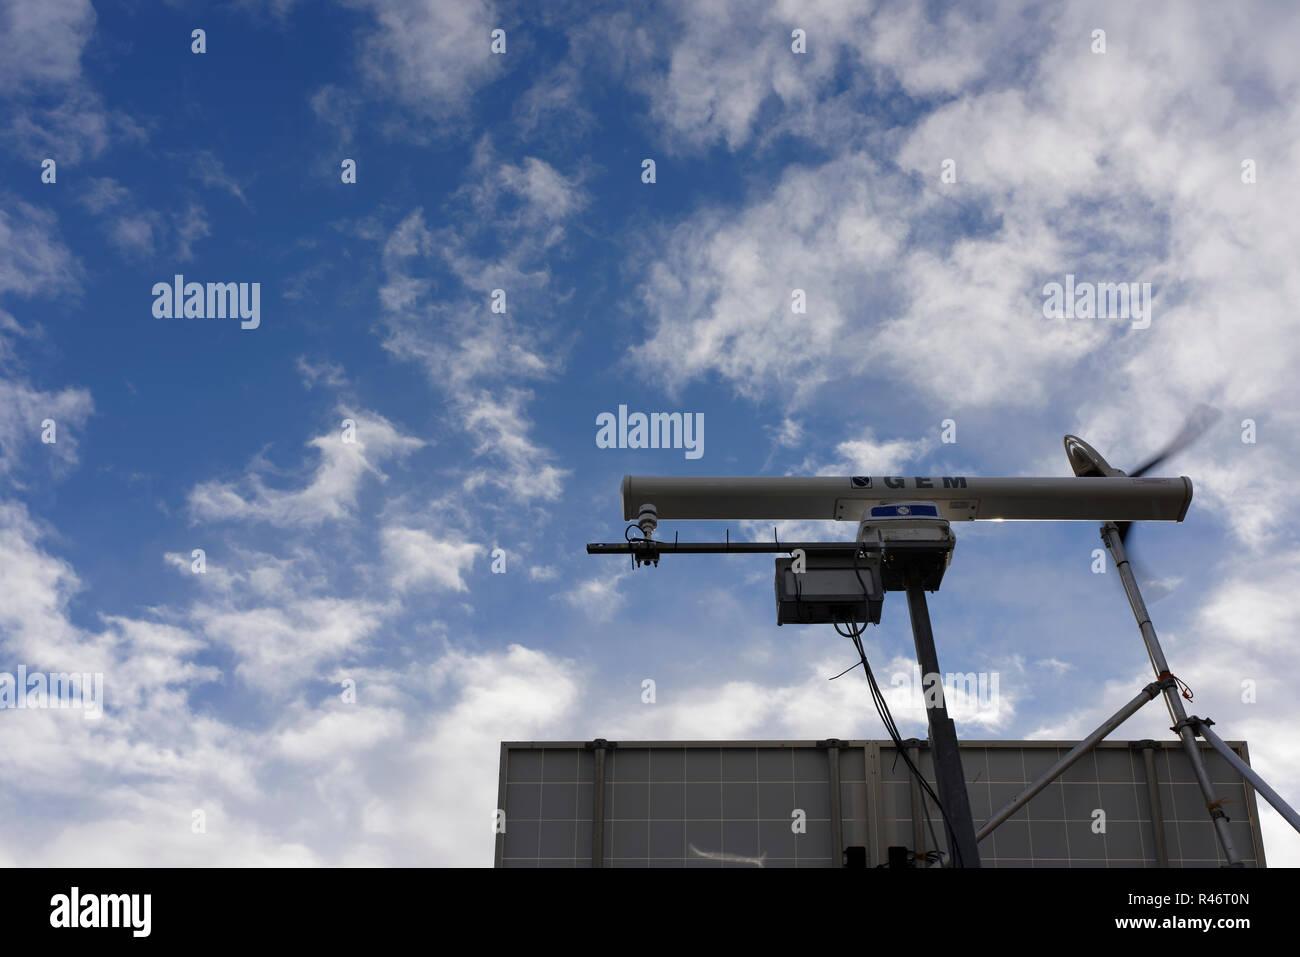 Weather Radar Stock Photos & Weather Radar Stock Images - Alamy